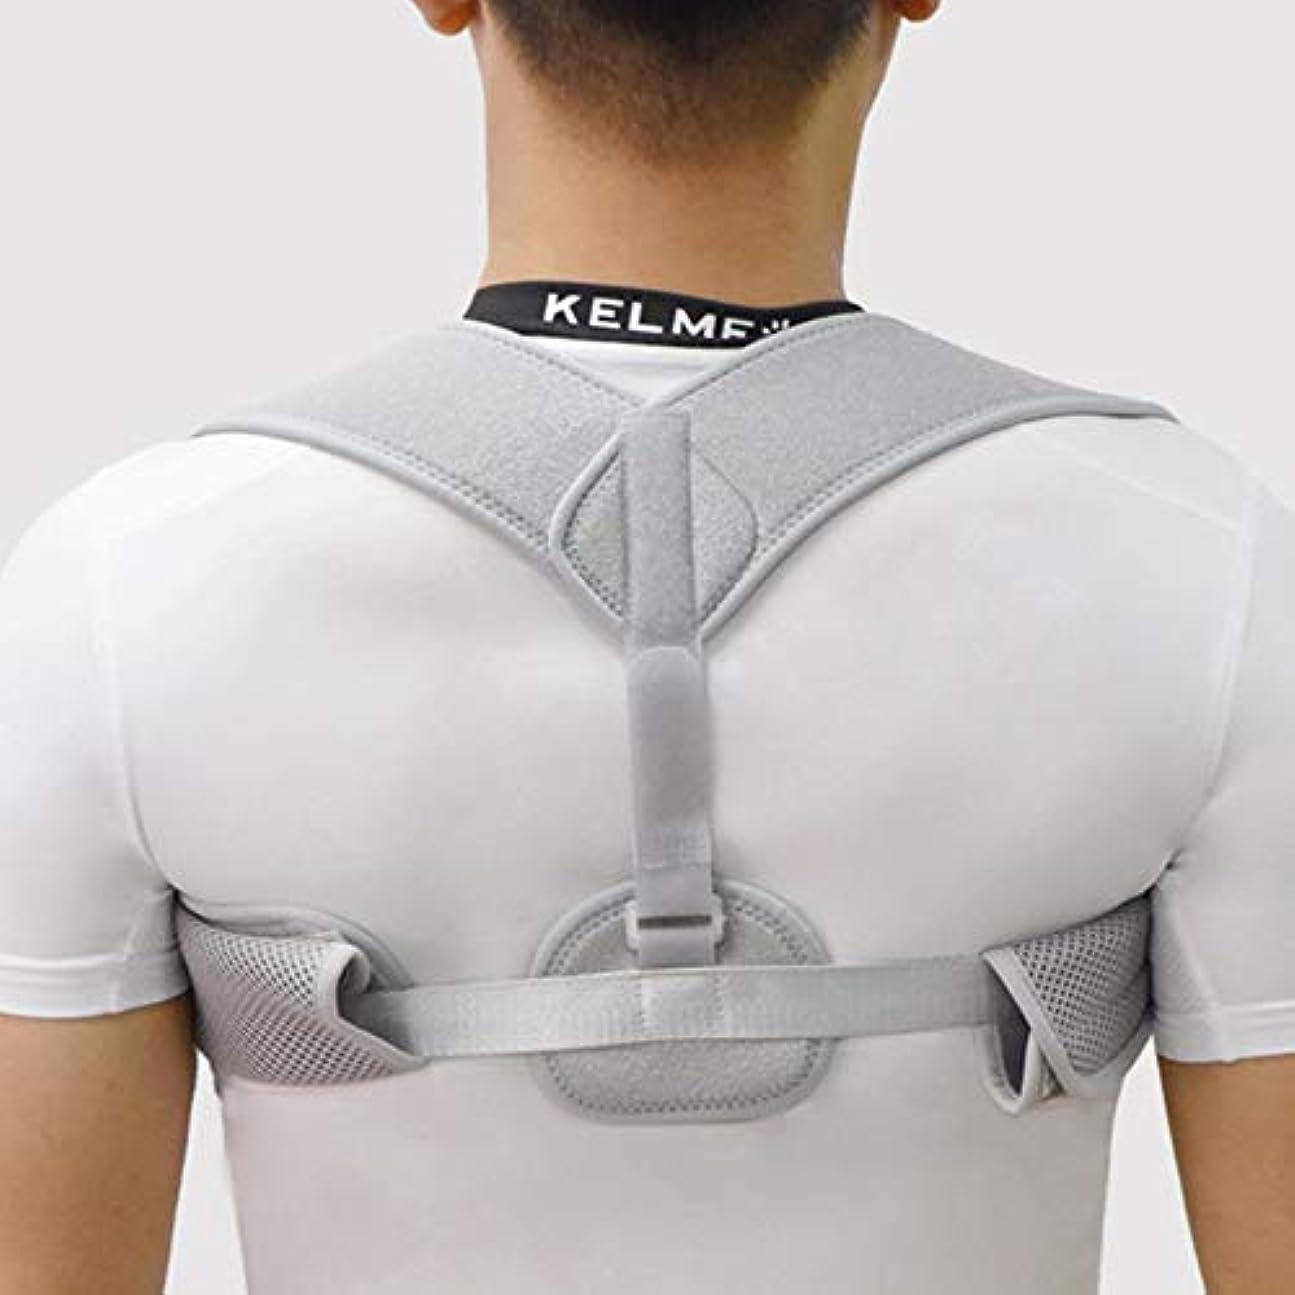 あからさま愛情テラス新しいアッパーバックポスチャーコレクター姿勢鎖骨サポートコレクターバックストレート肩ブレースストラップコレクター耐久性 - グレー